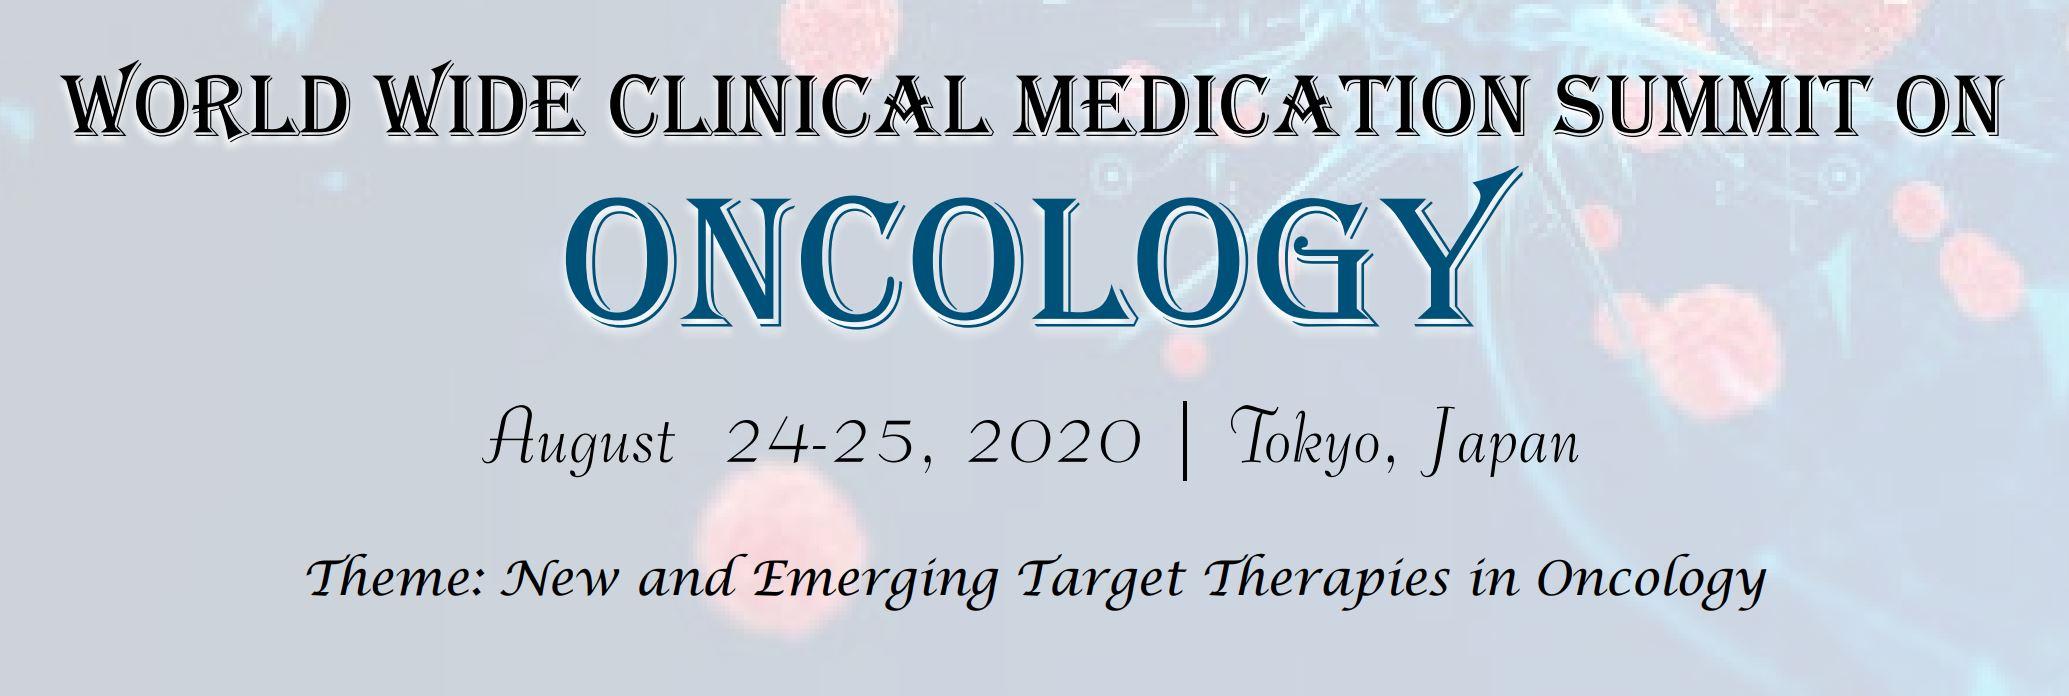 Всемирный саммит по онкологии, посвященный лекарственным препаратам